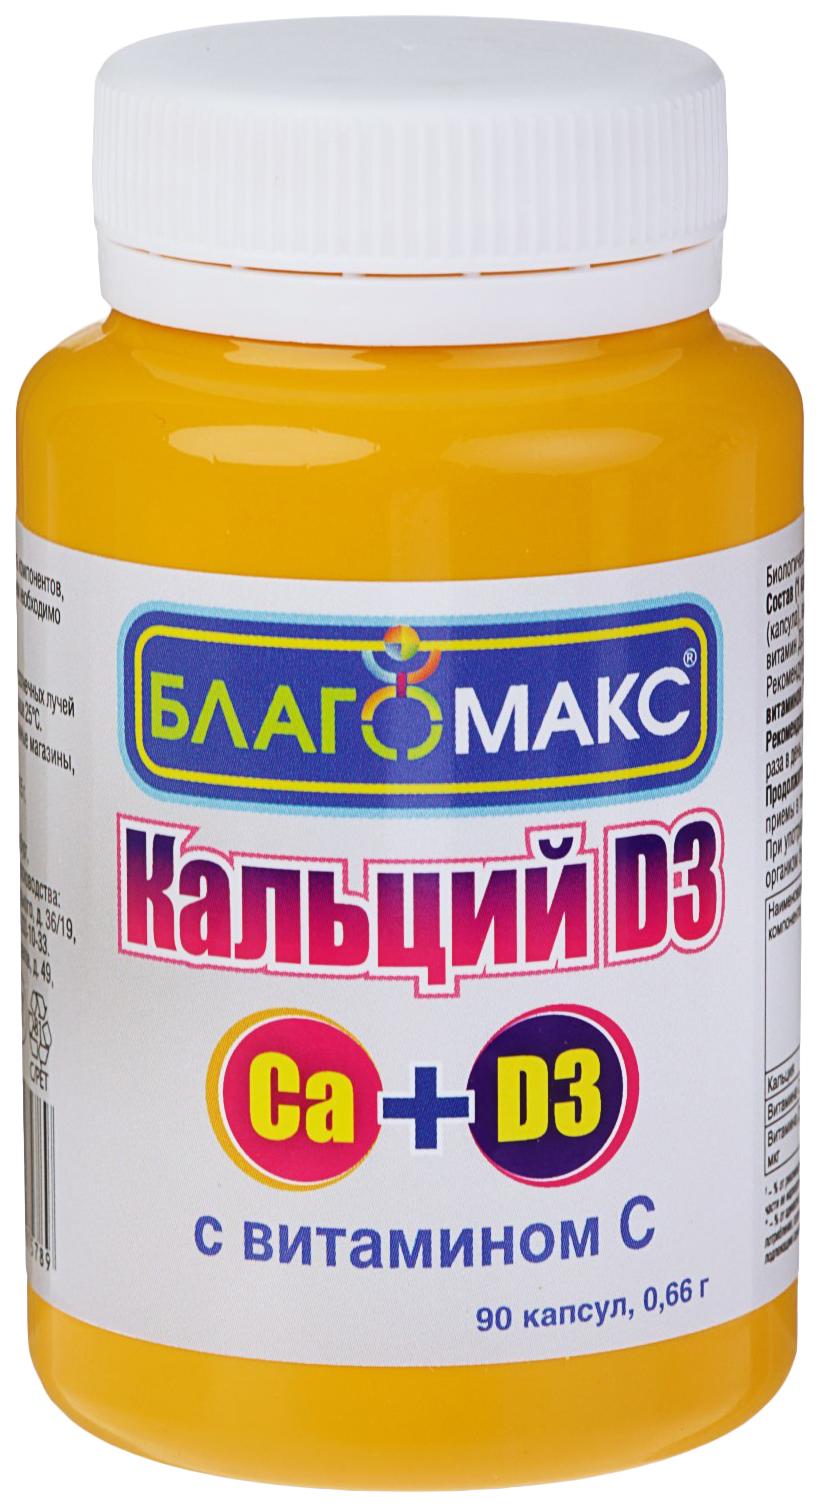 Благомакс витамином C